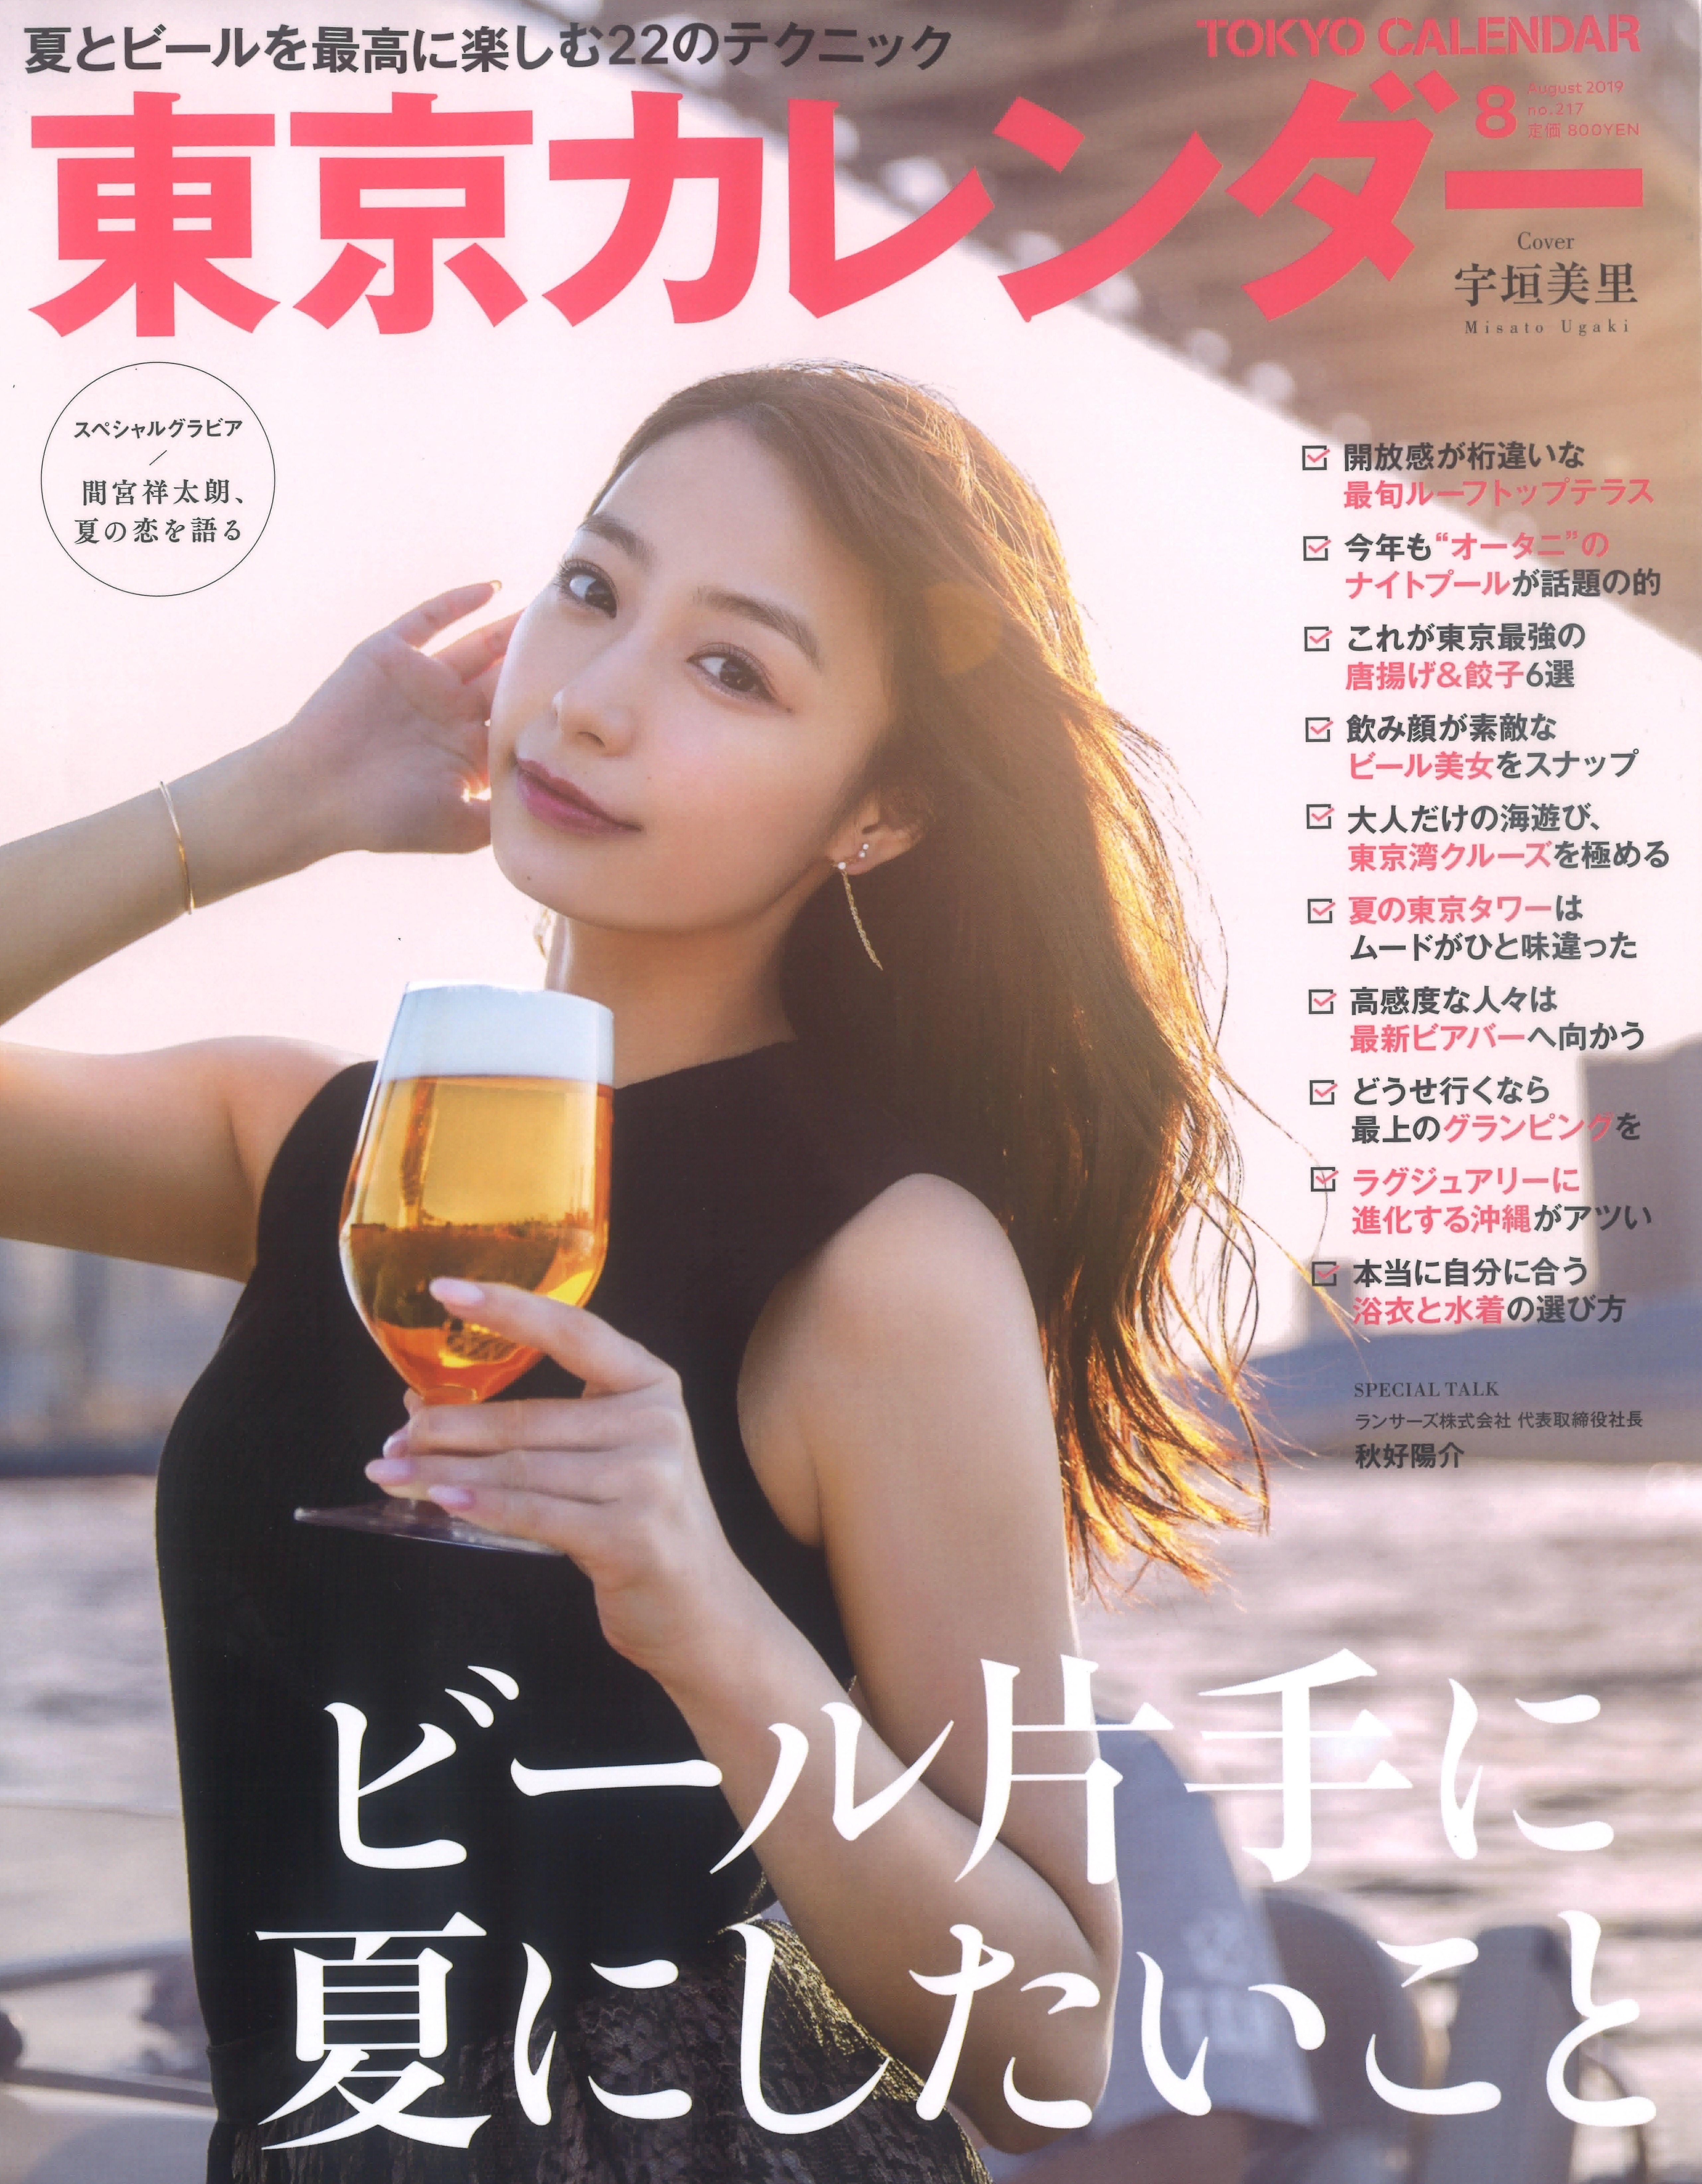 6/21東京カレンダーに掲載されました